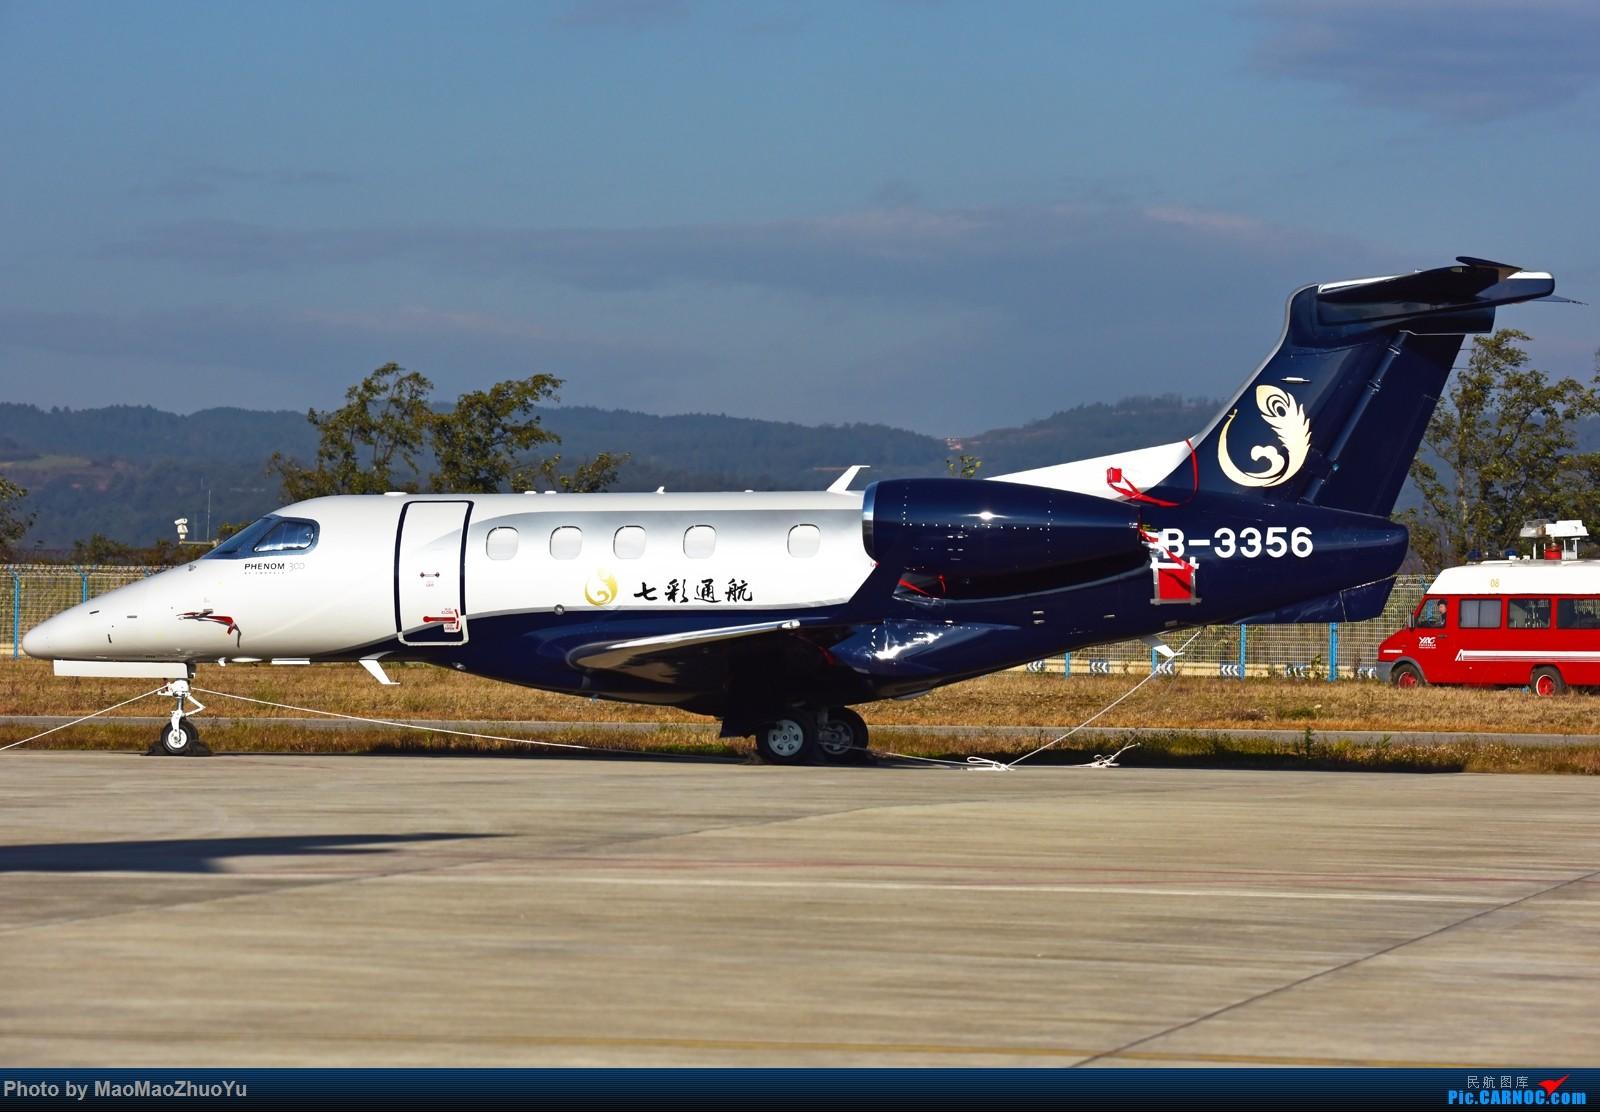 [原创]七彩通航 飞鸿300 B-3356 长水国际机场